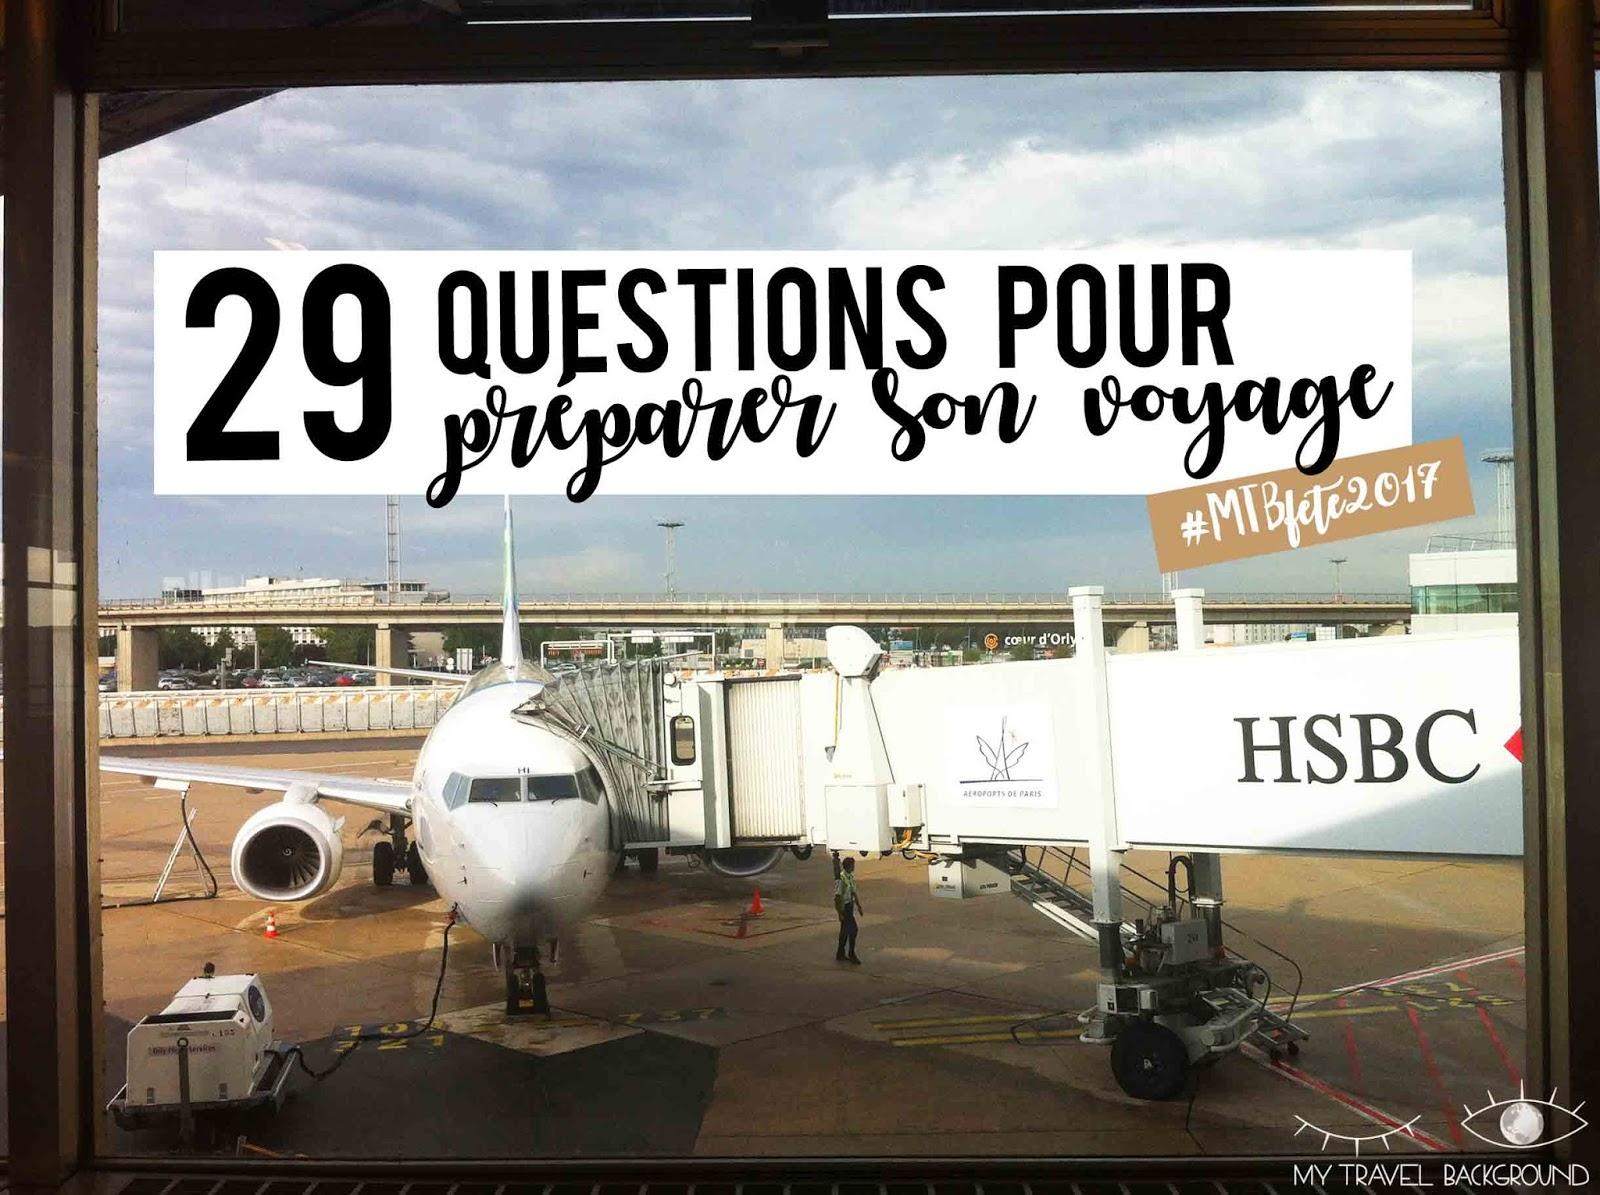 My Travel Background : 29 questions à se poser pour préparer son voyage